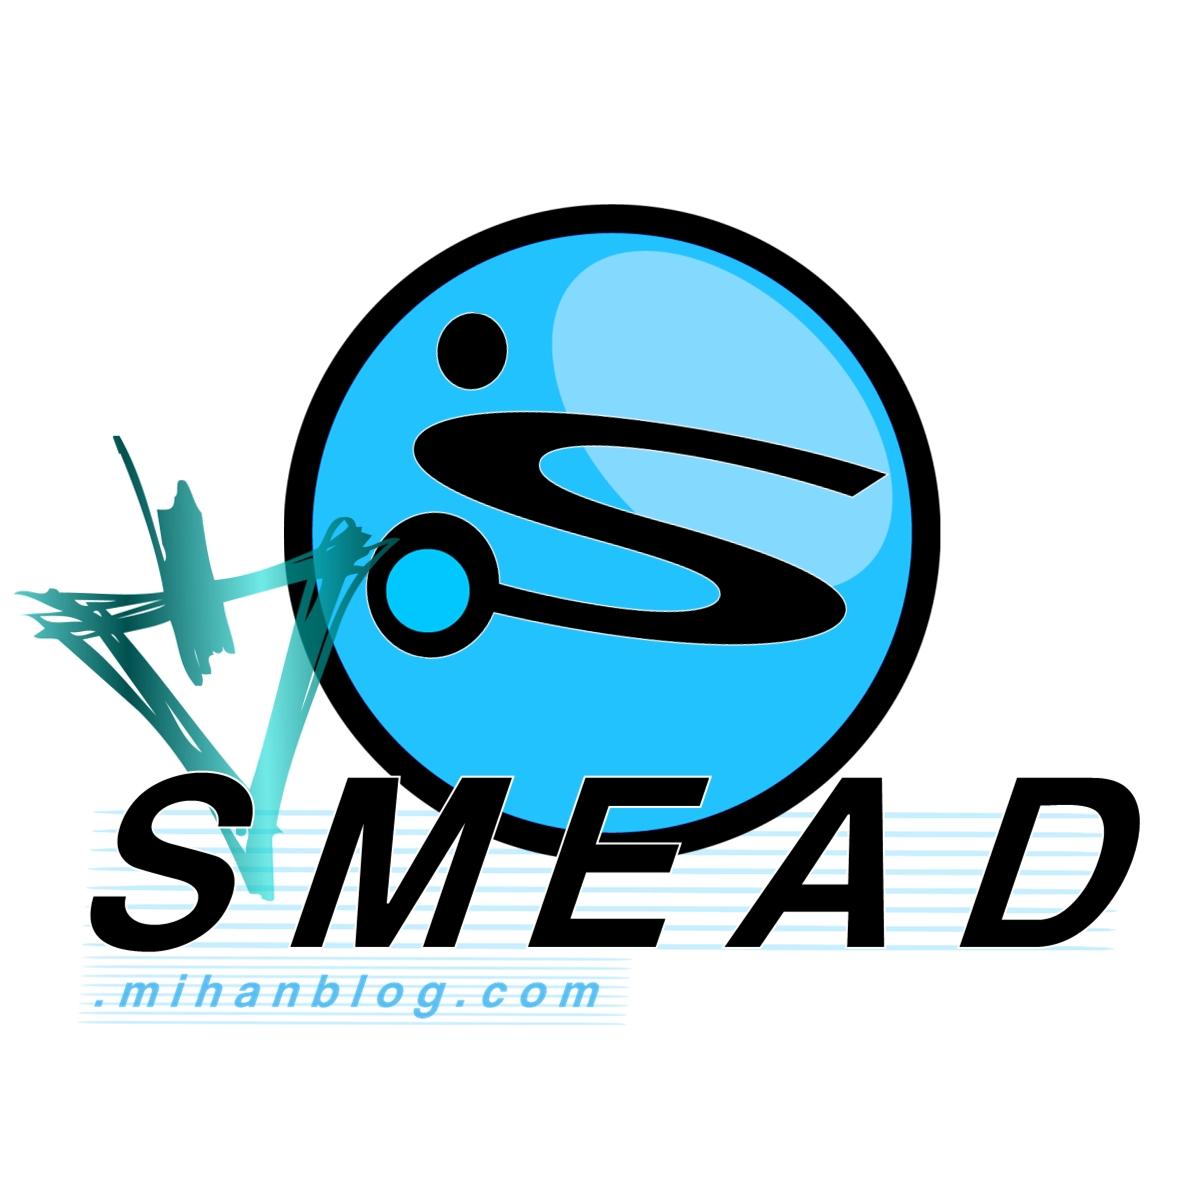 http://smead1.persiangig.com/SMEAD.jpg